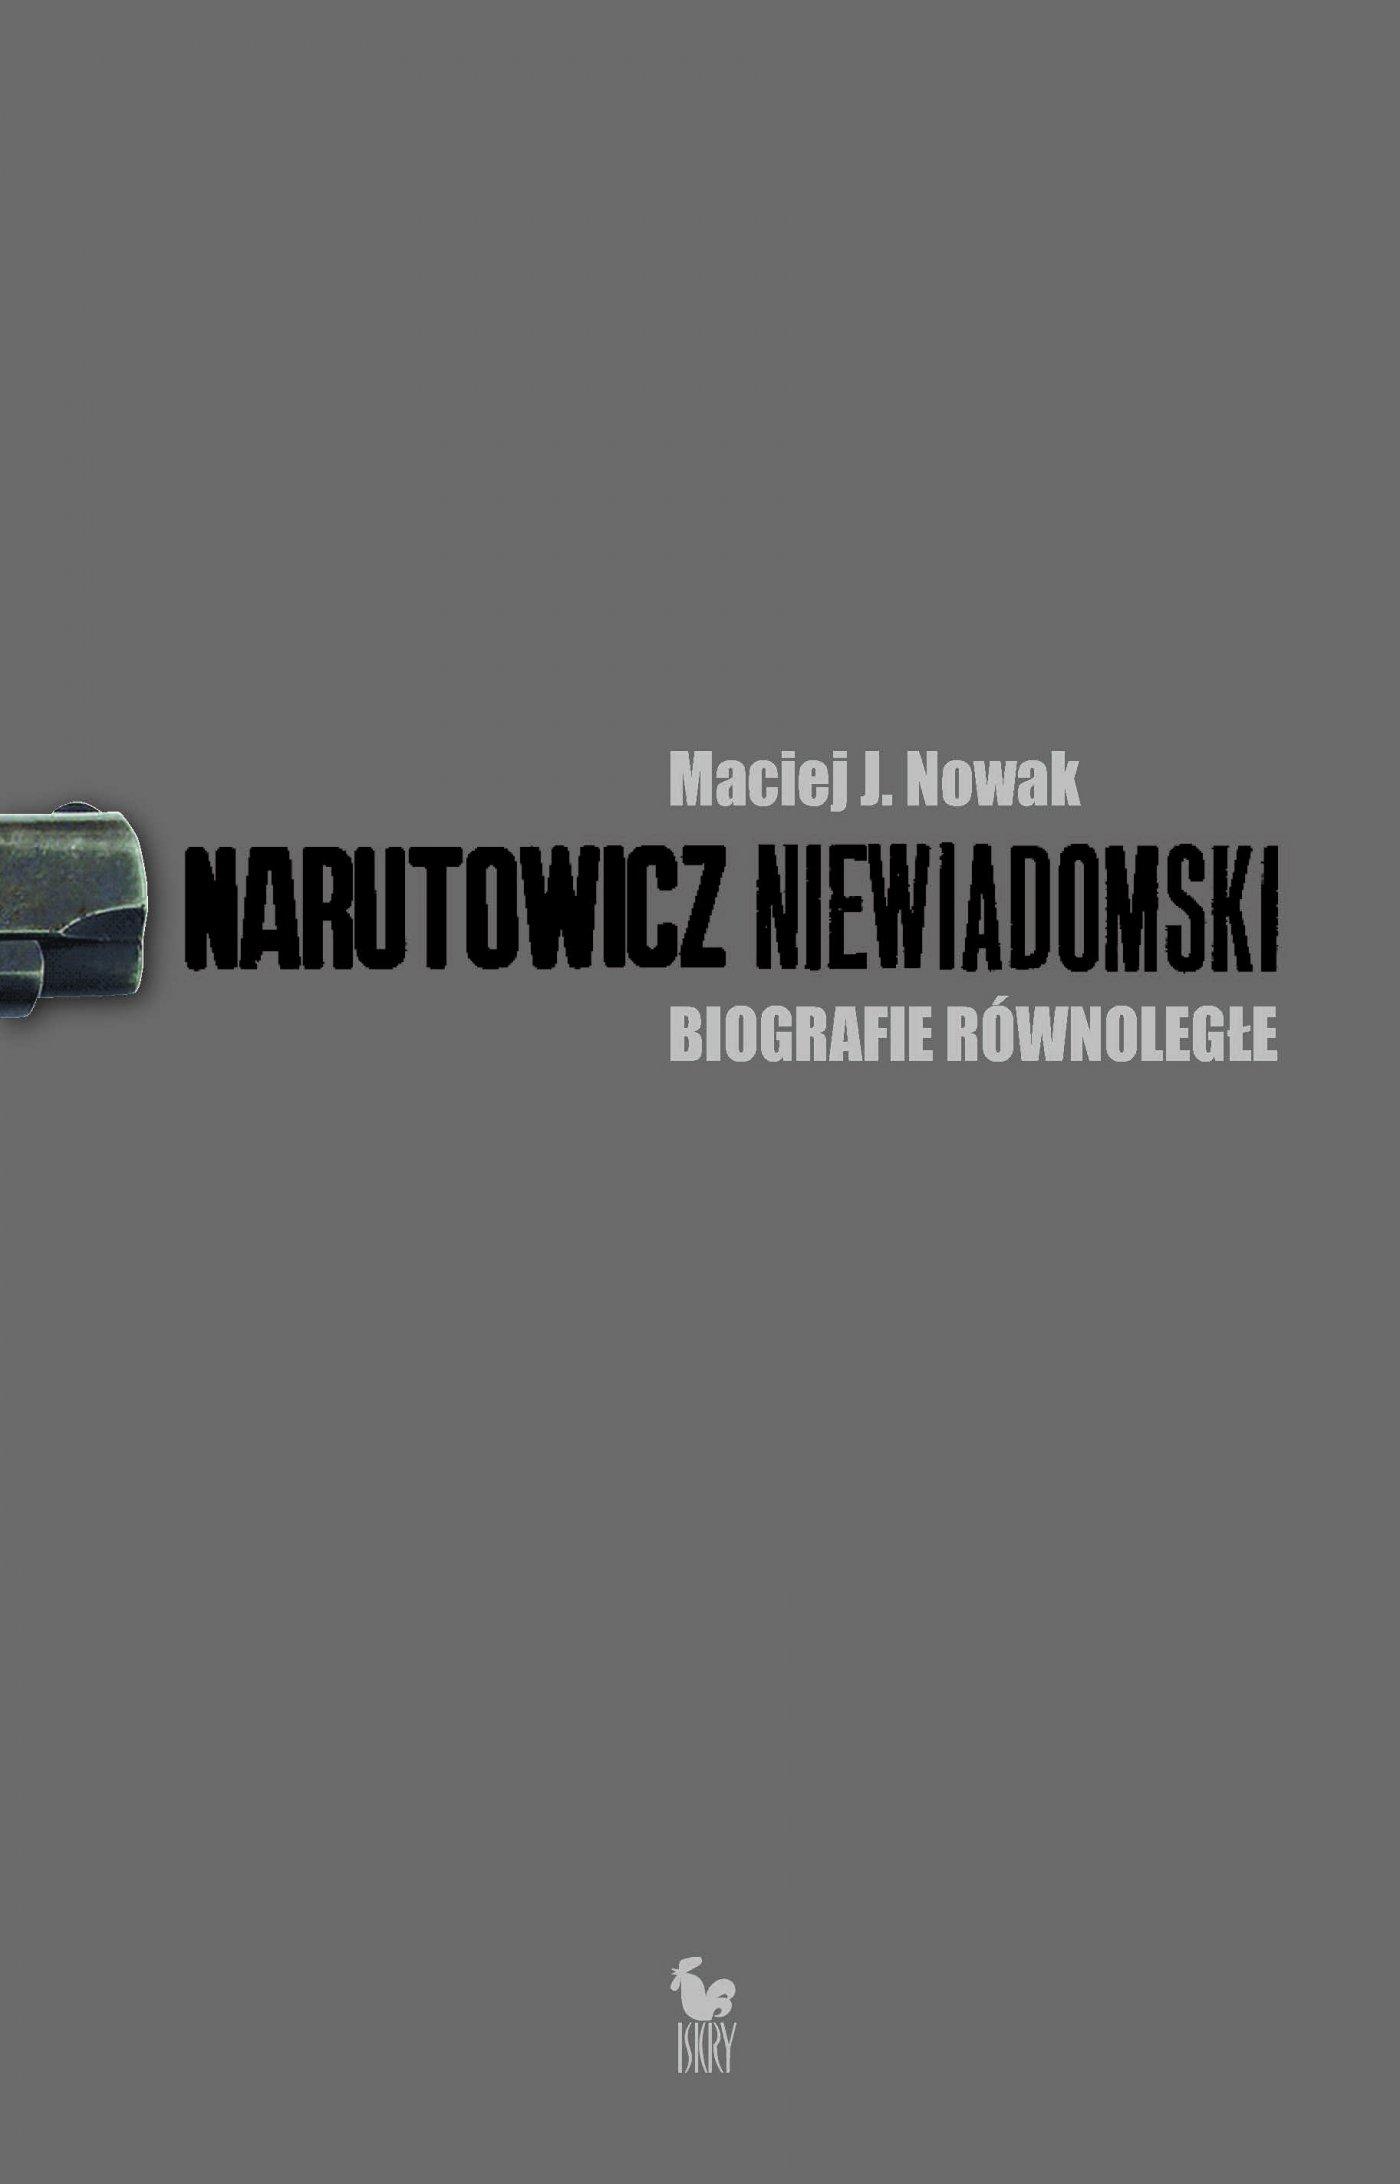 Narutowicz – Niewiadomski. Biografie równoległe - Ebook (Książka EPUB) do pobrania w formacie EPUB